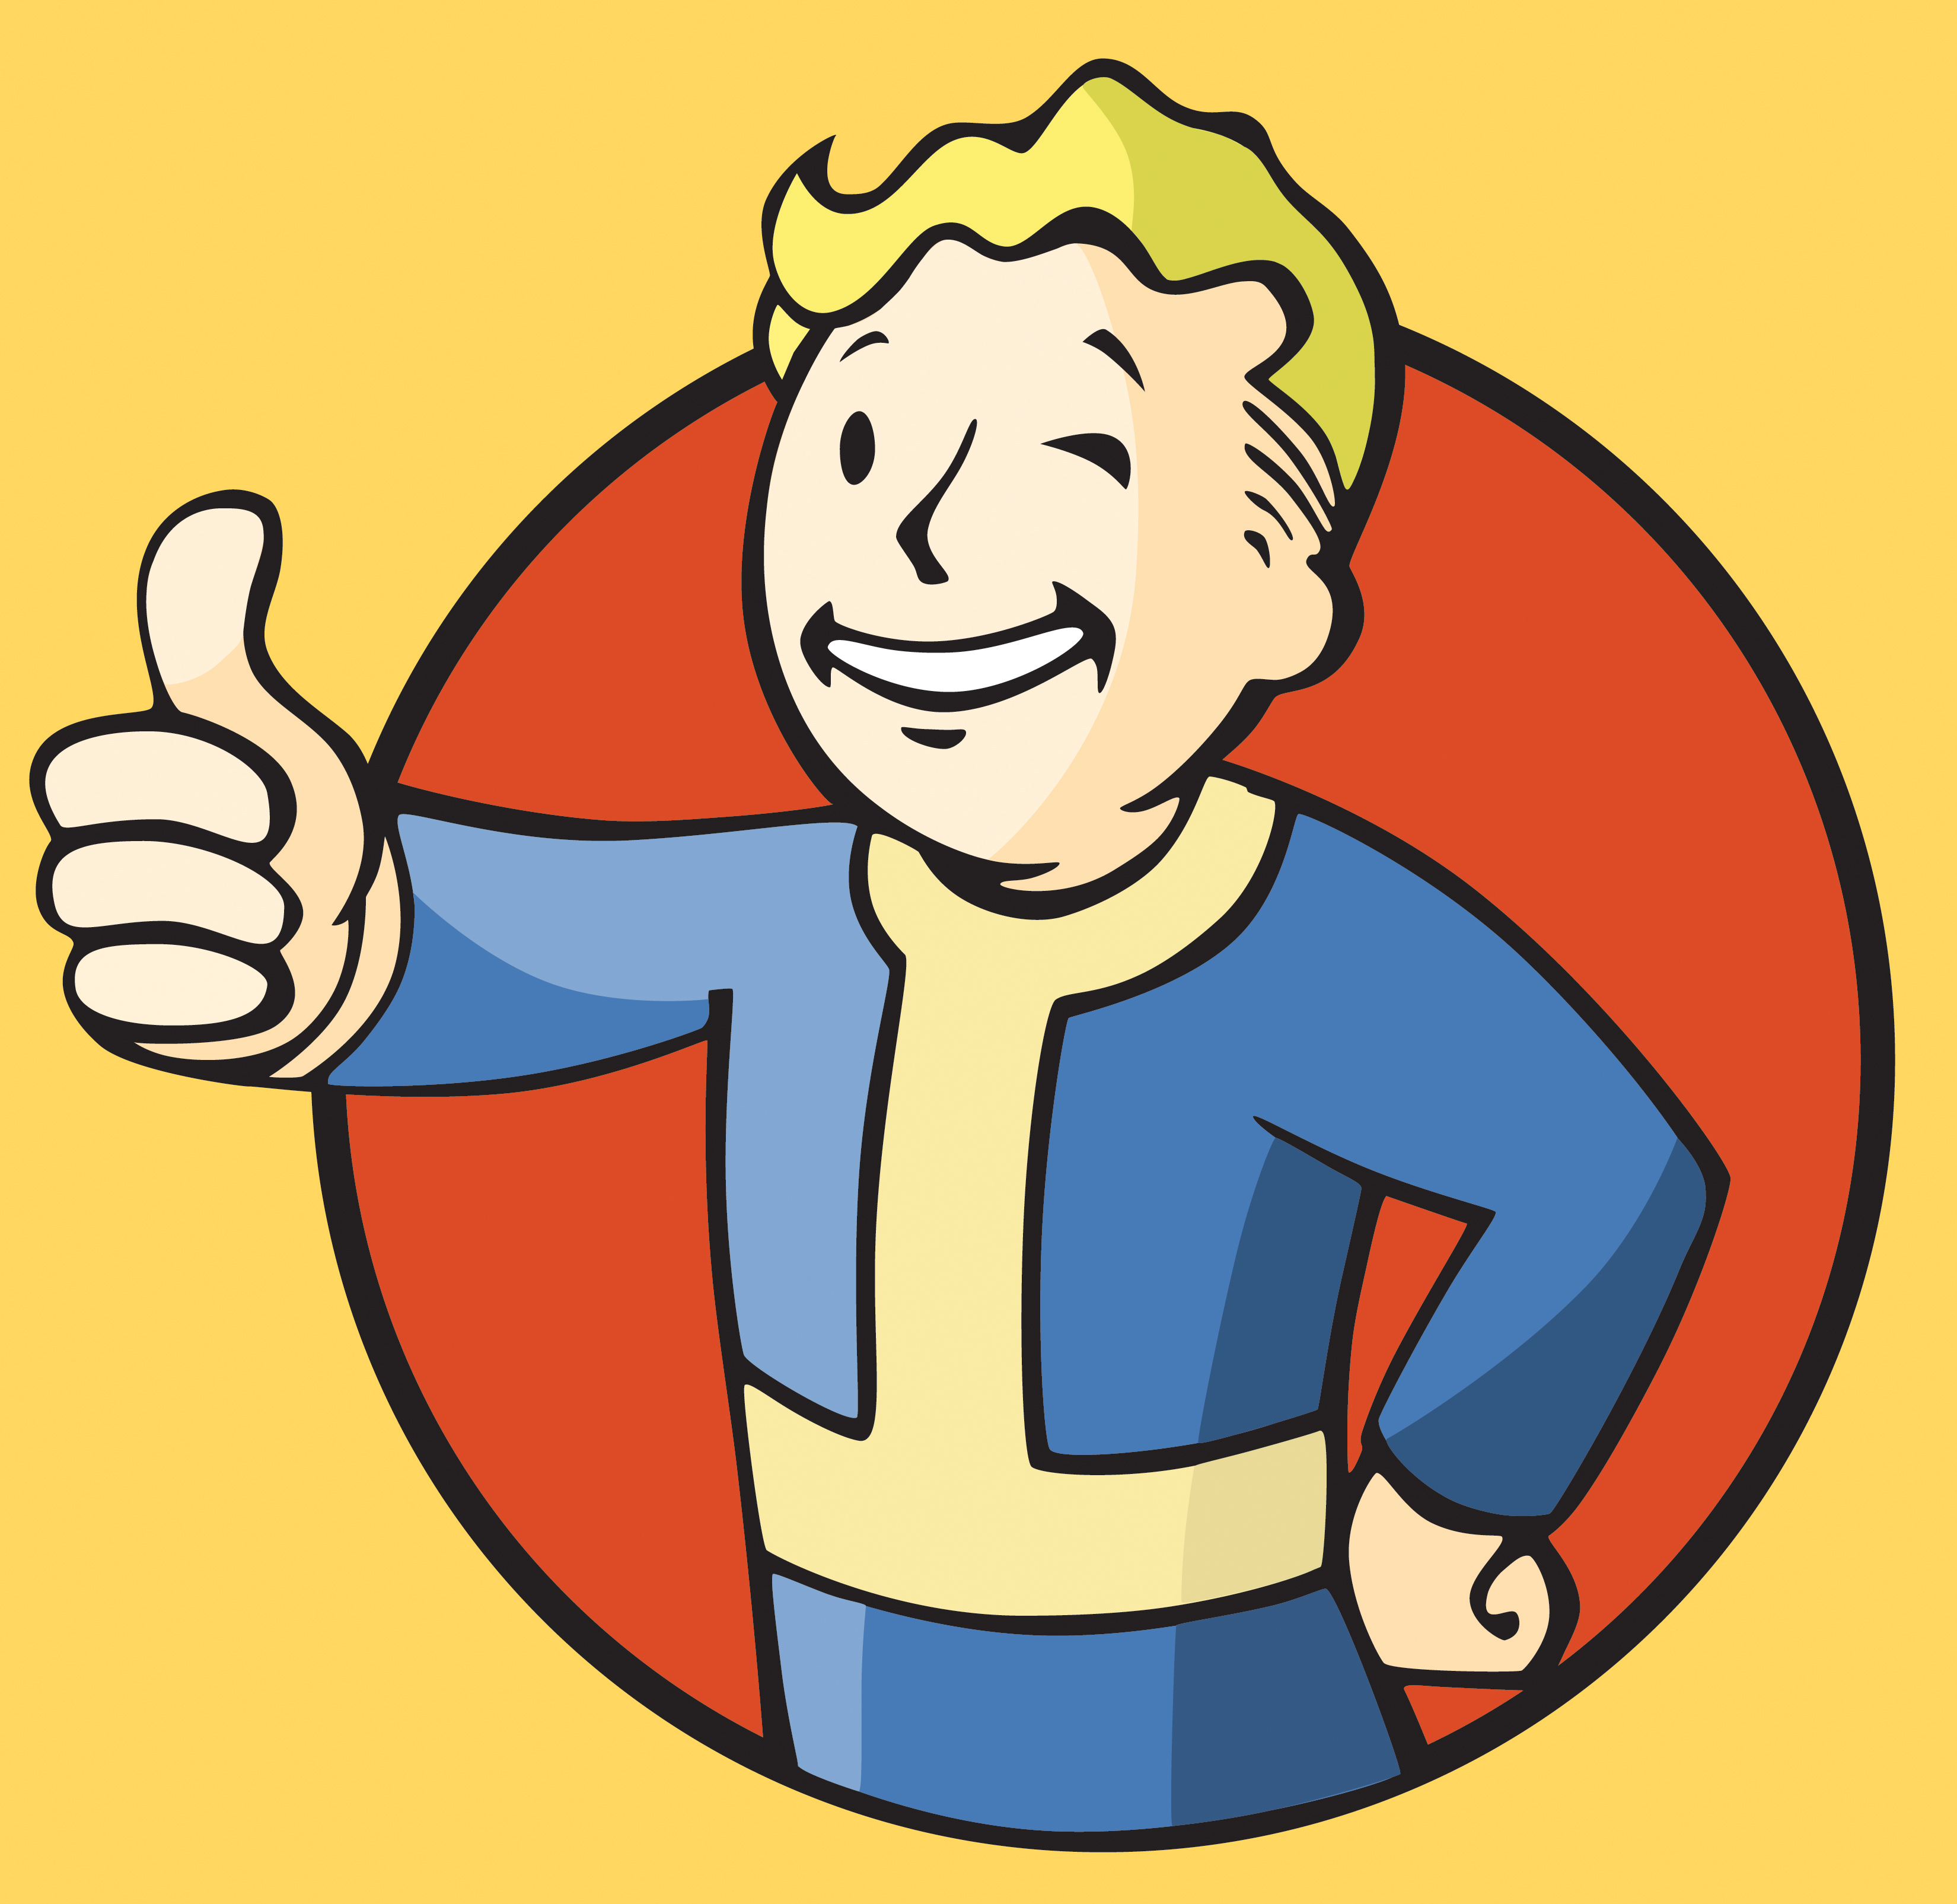 Fallout clipart vault tec Fallout clipart boy 3 vault